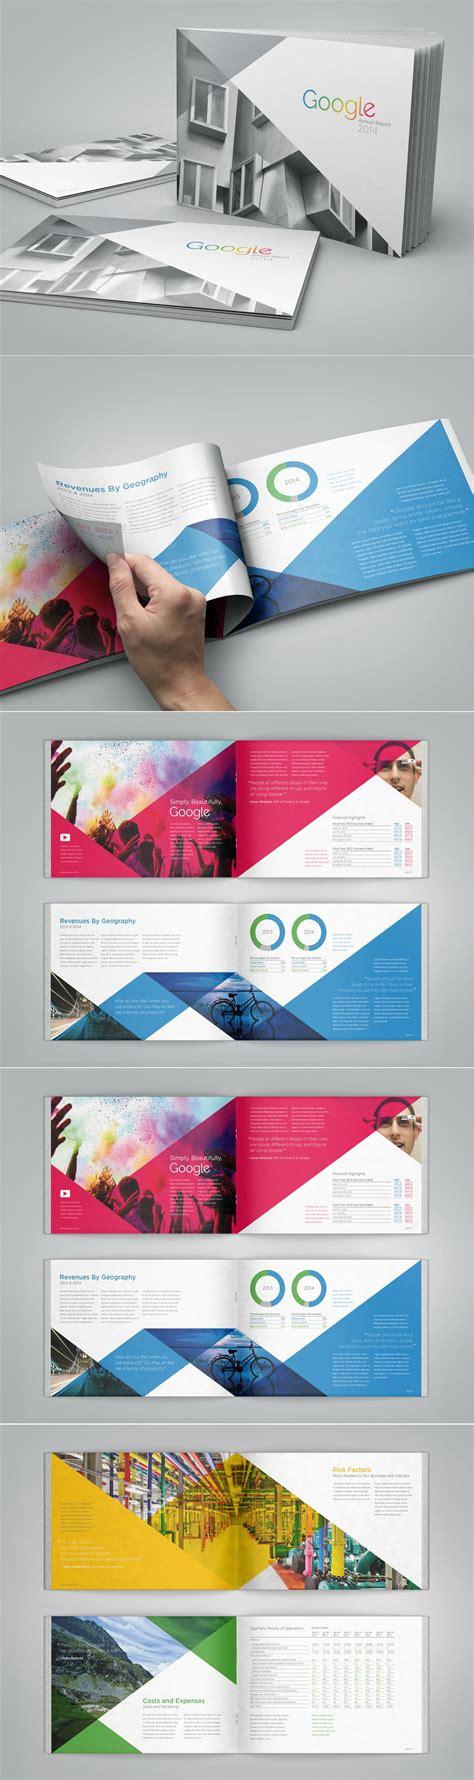 design inspiration pdf 5 creative annual report designs dome